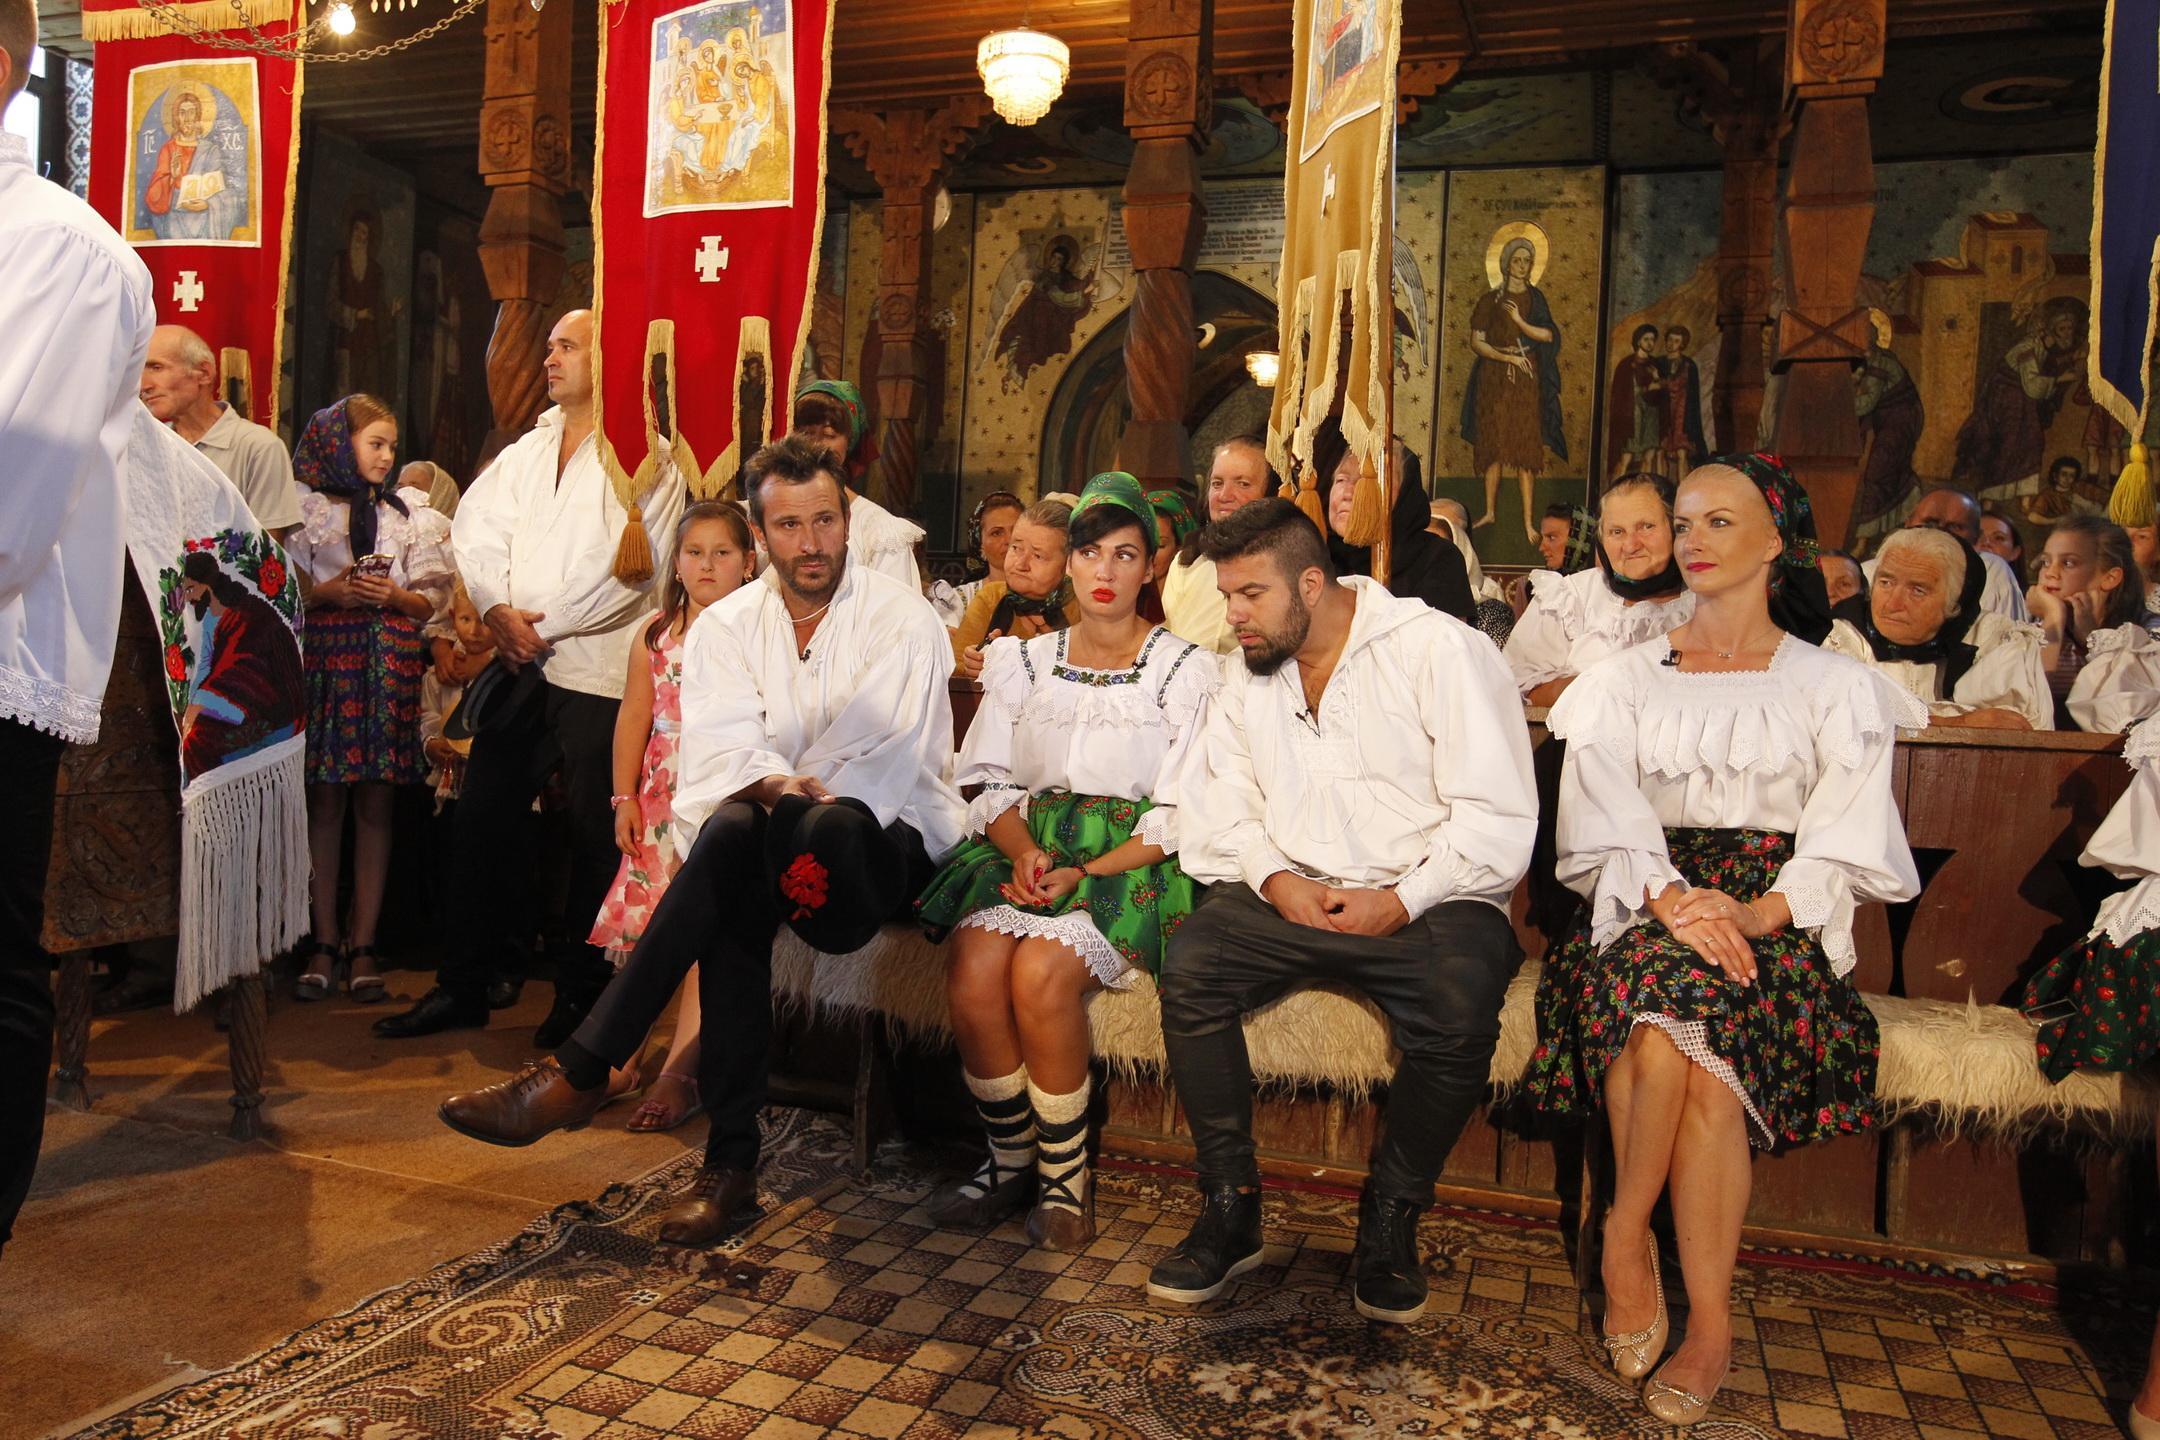 Nicoleta Luciu, Elwira Petre, Nicolai Tand și Edi Stancu au organizat cea mai mare nuntă din Maramureș